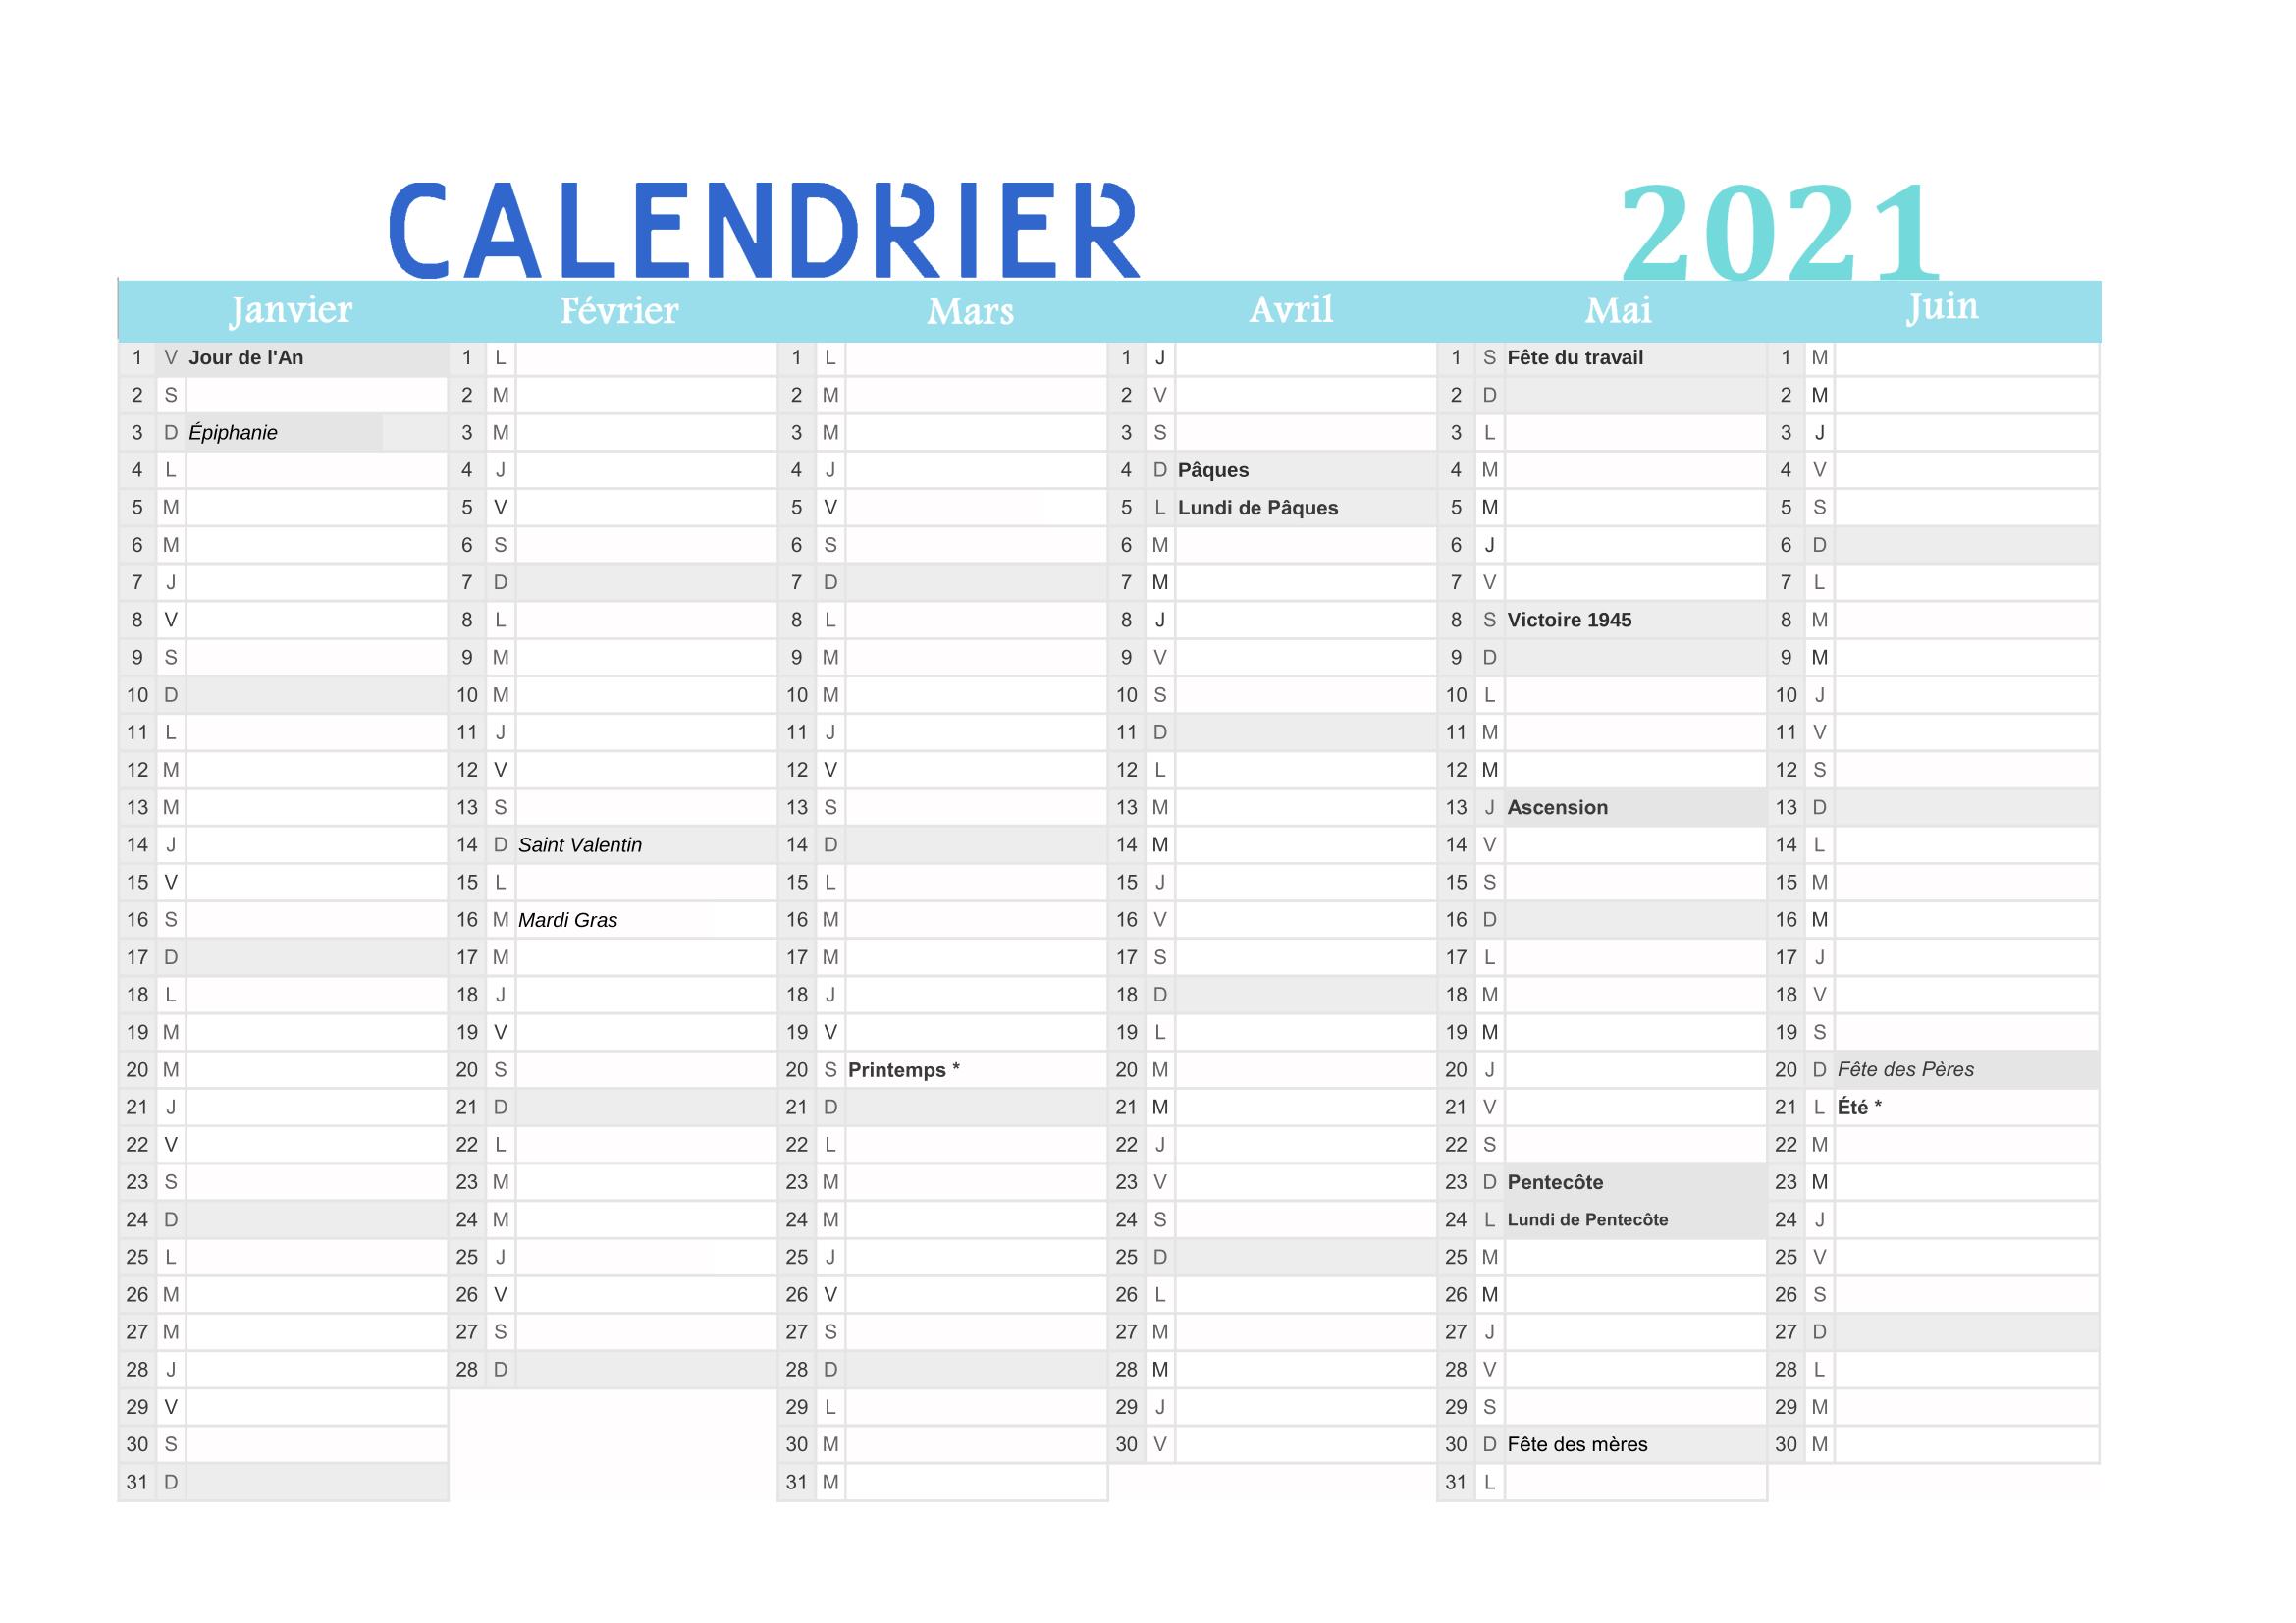 Calendrier 2021 Mensuel À Imprimer (Pdf Gratuit within Calendrier À Imprimer 2021